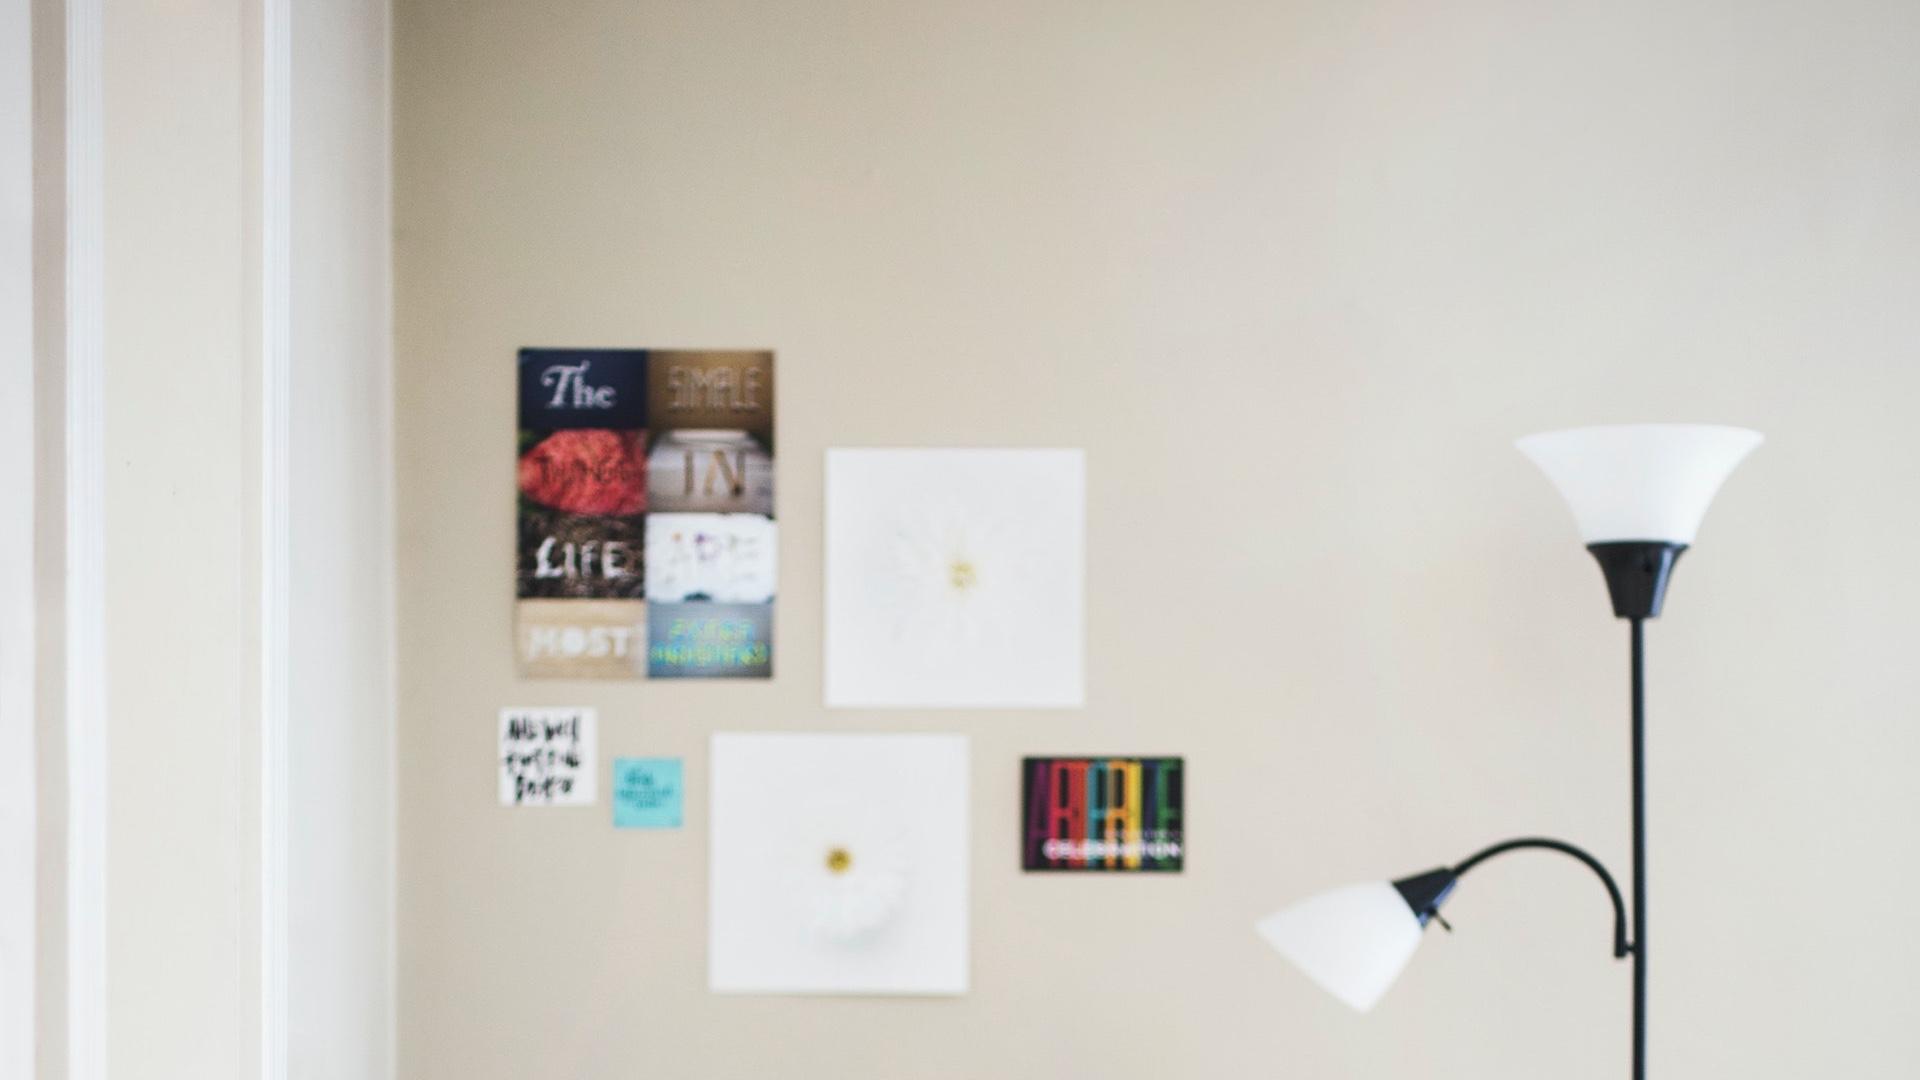 アートとライトのある白い壁の部屋